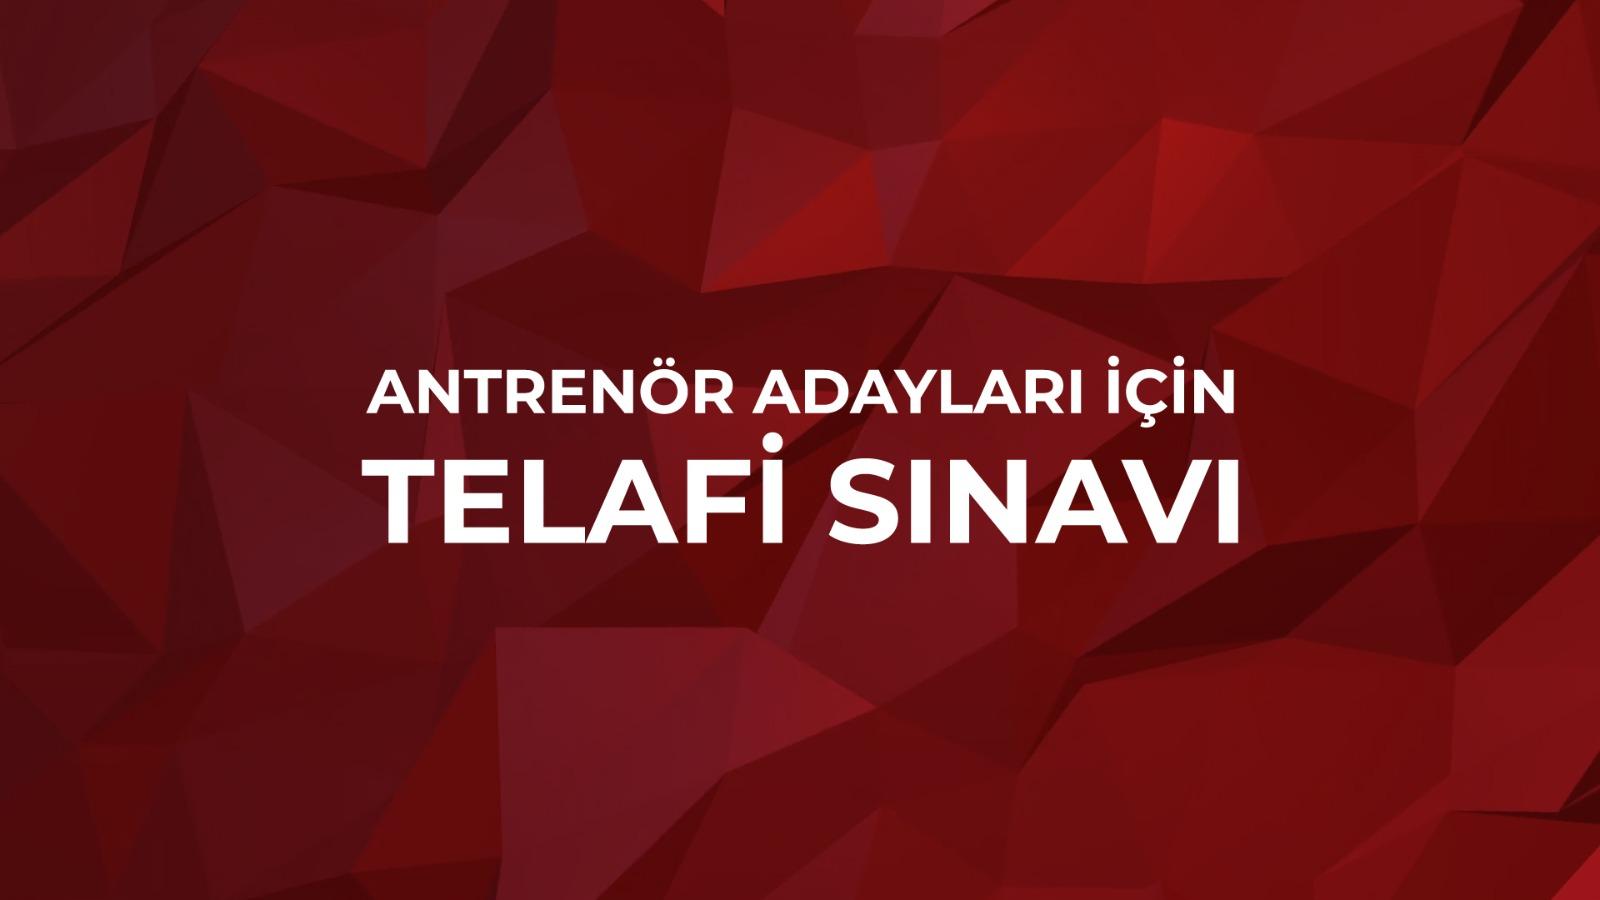 ANTRENÖR ADAYLARI İÇİN TELAFİ SINAVI